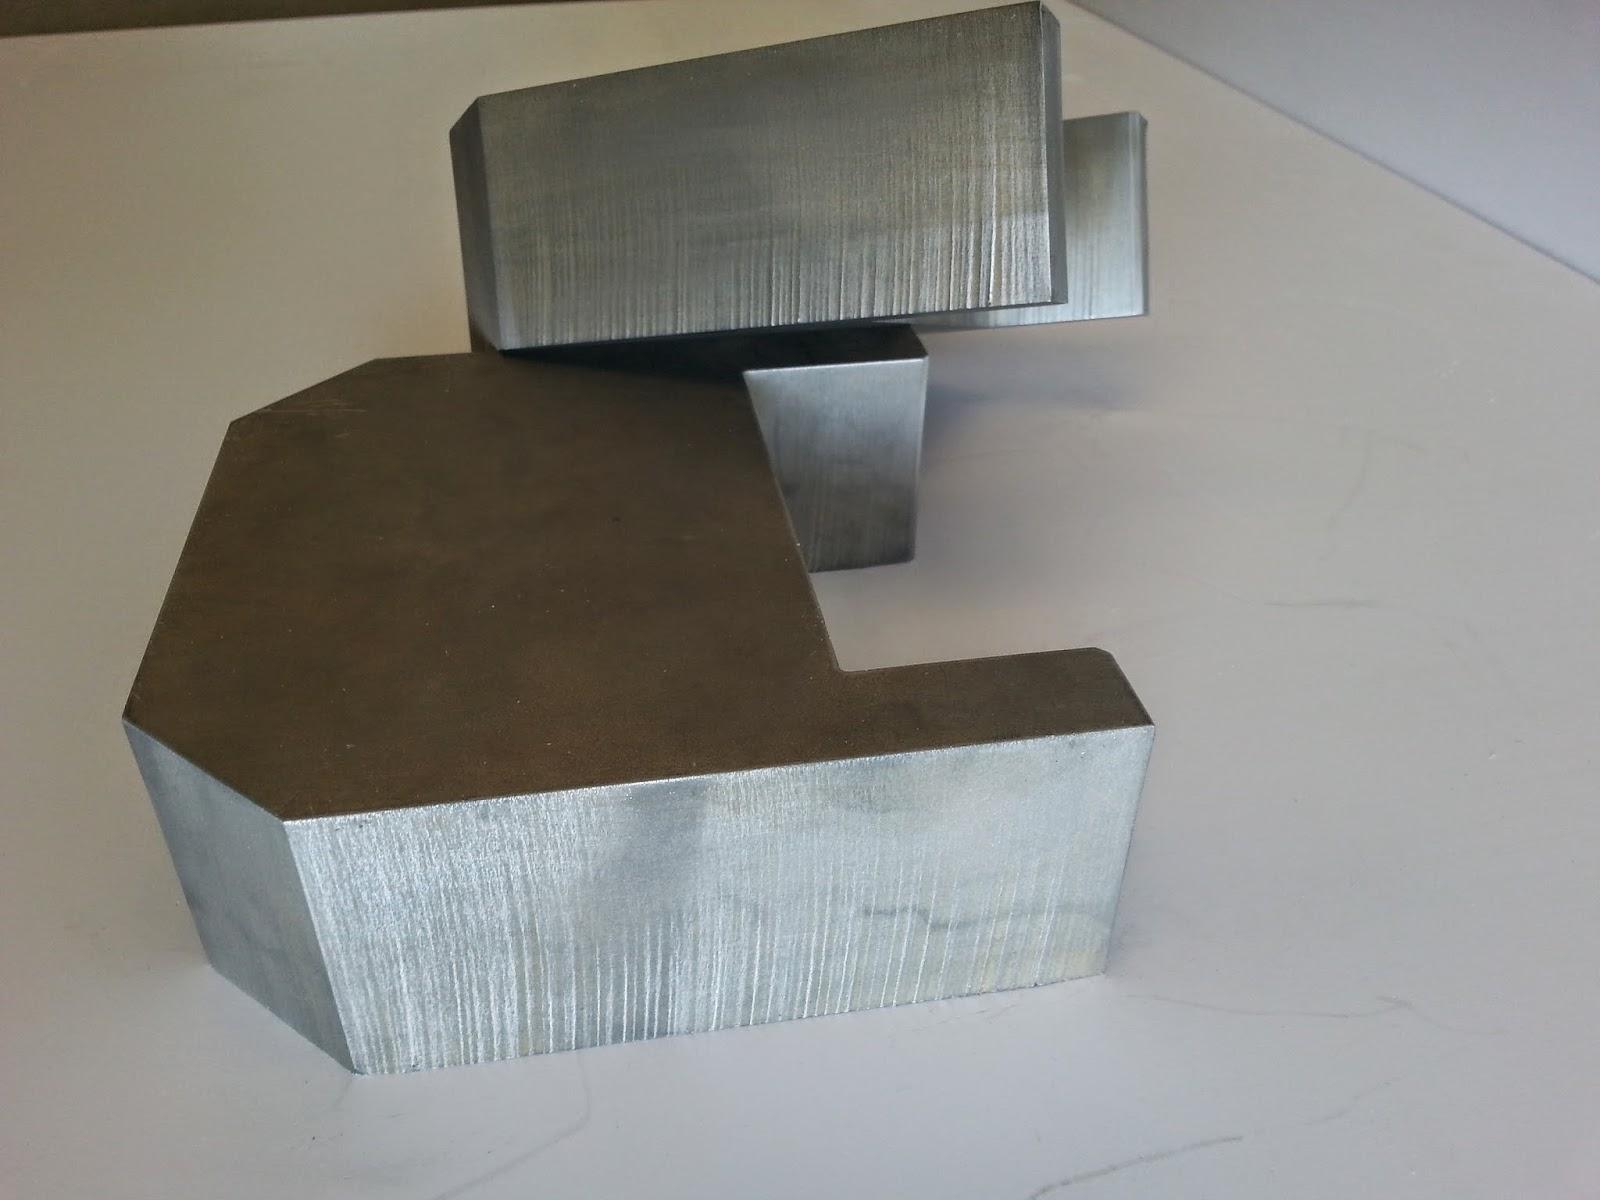 cortenfrio corteporagua aluminio corteagua